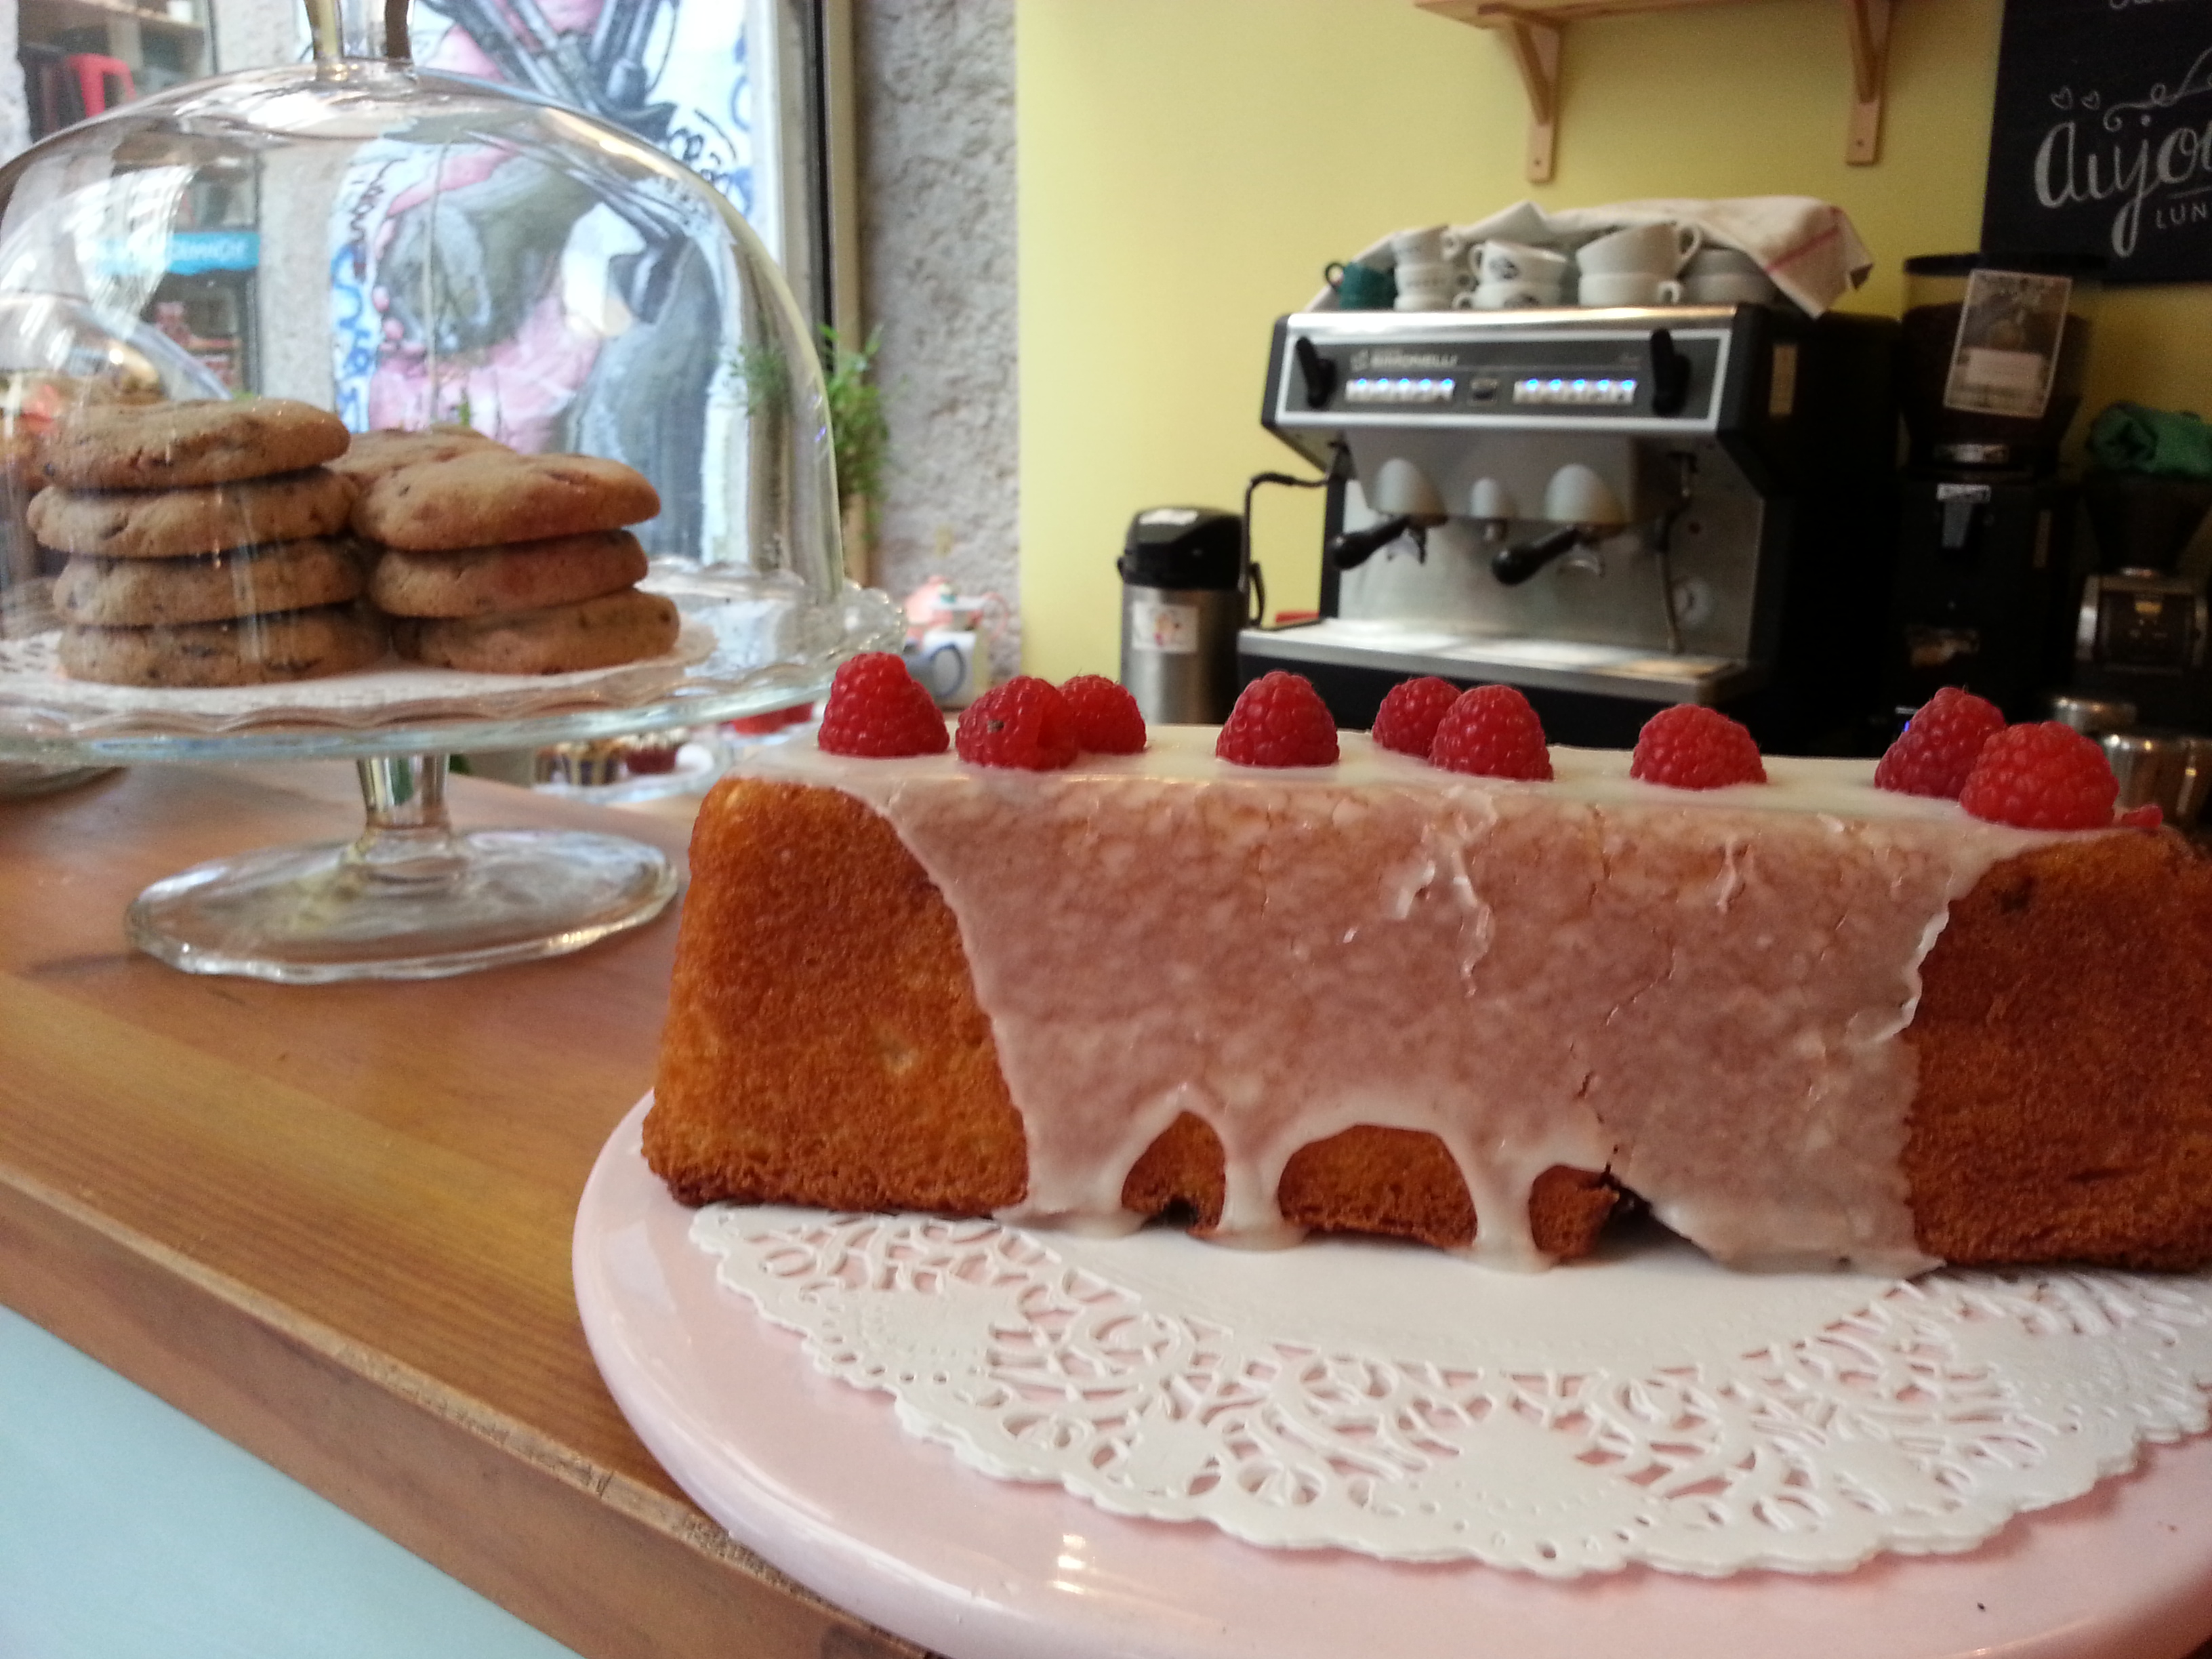 fairy cakes laureline's corner lyon